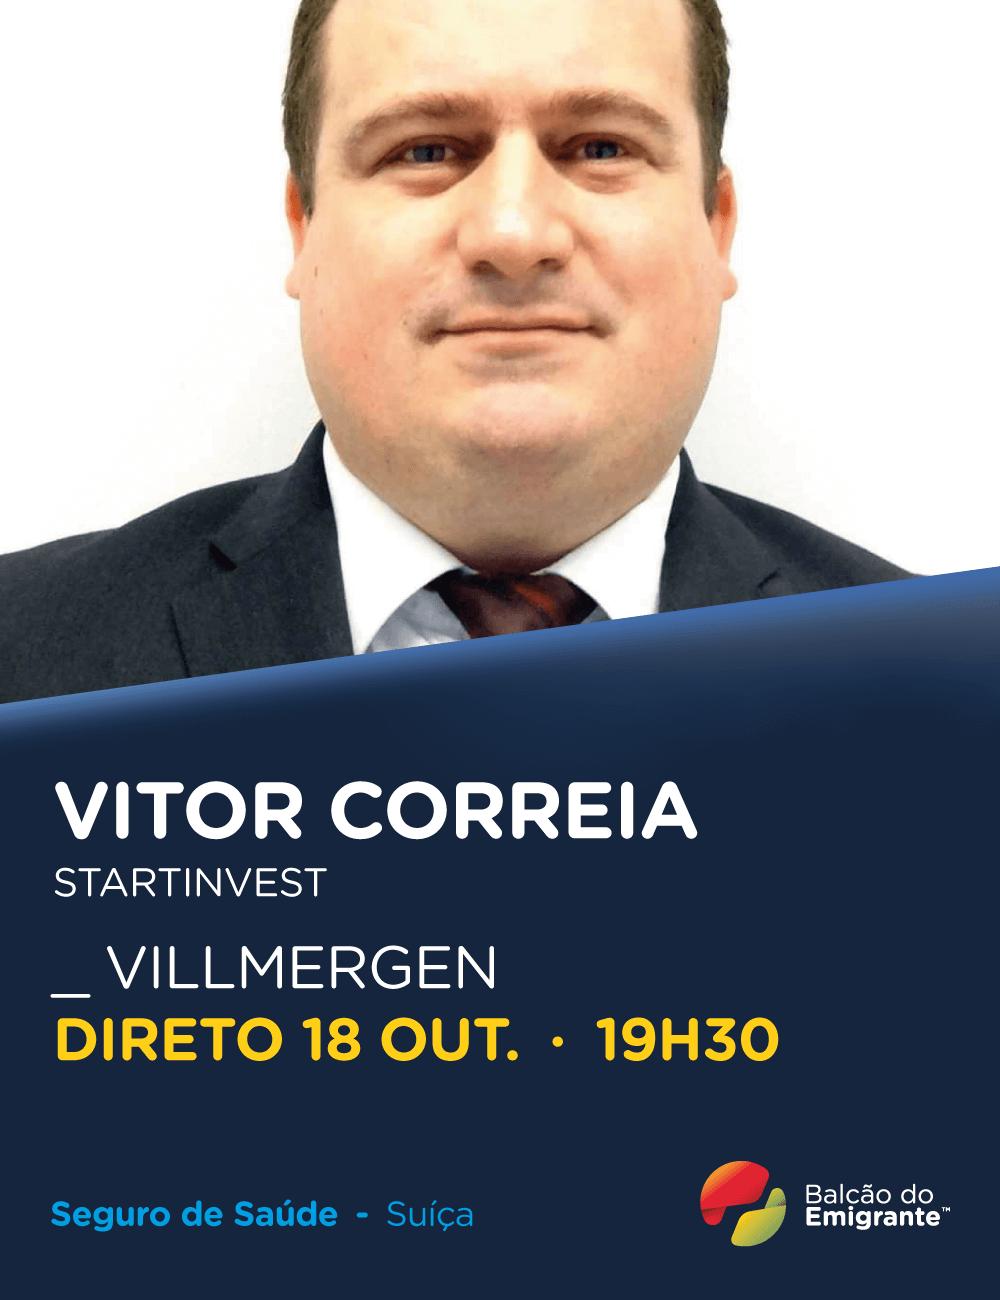 Vitor Correia - Especialista em Seguro de Saúde em Villmergen